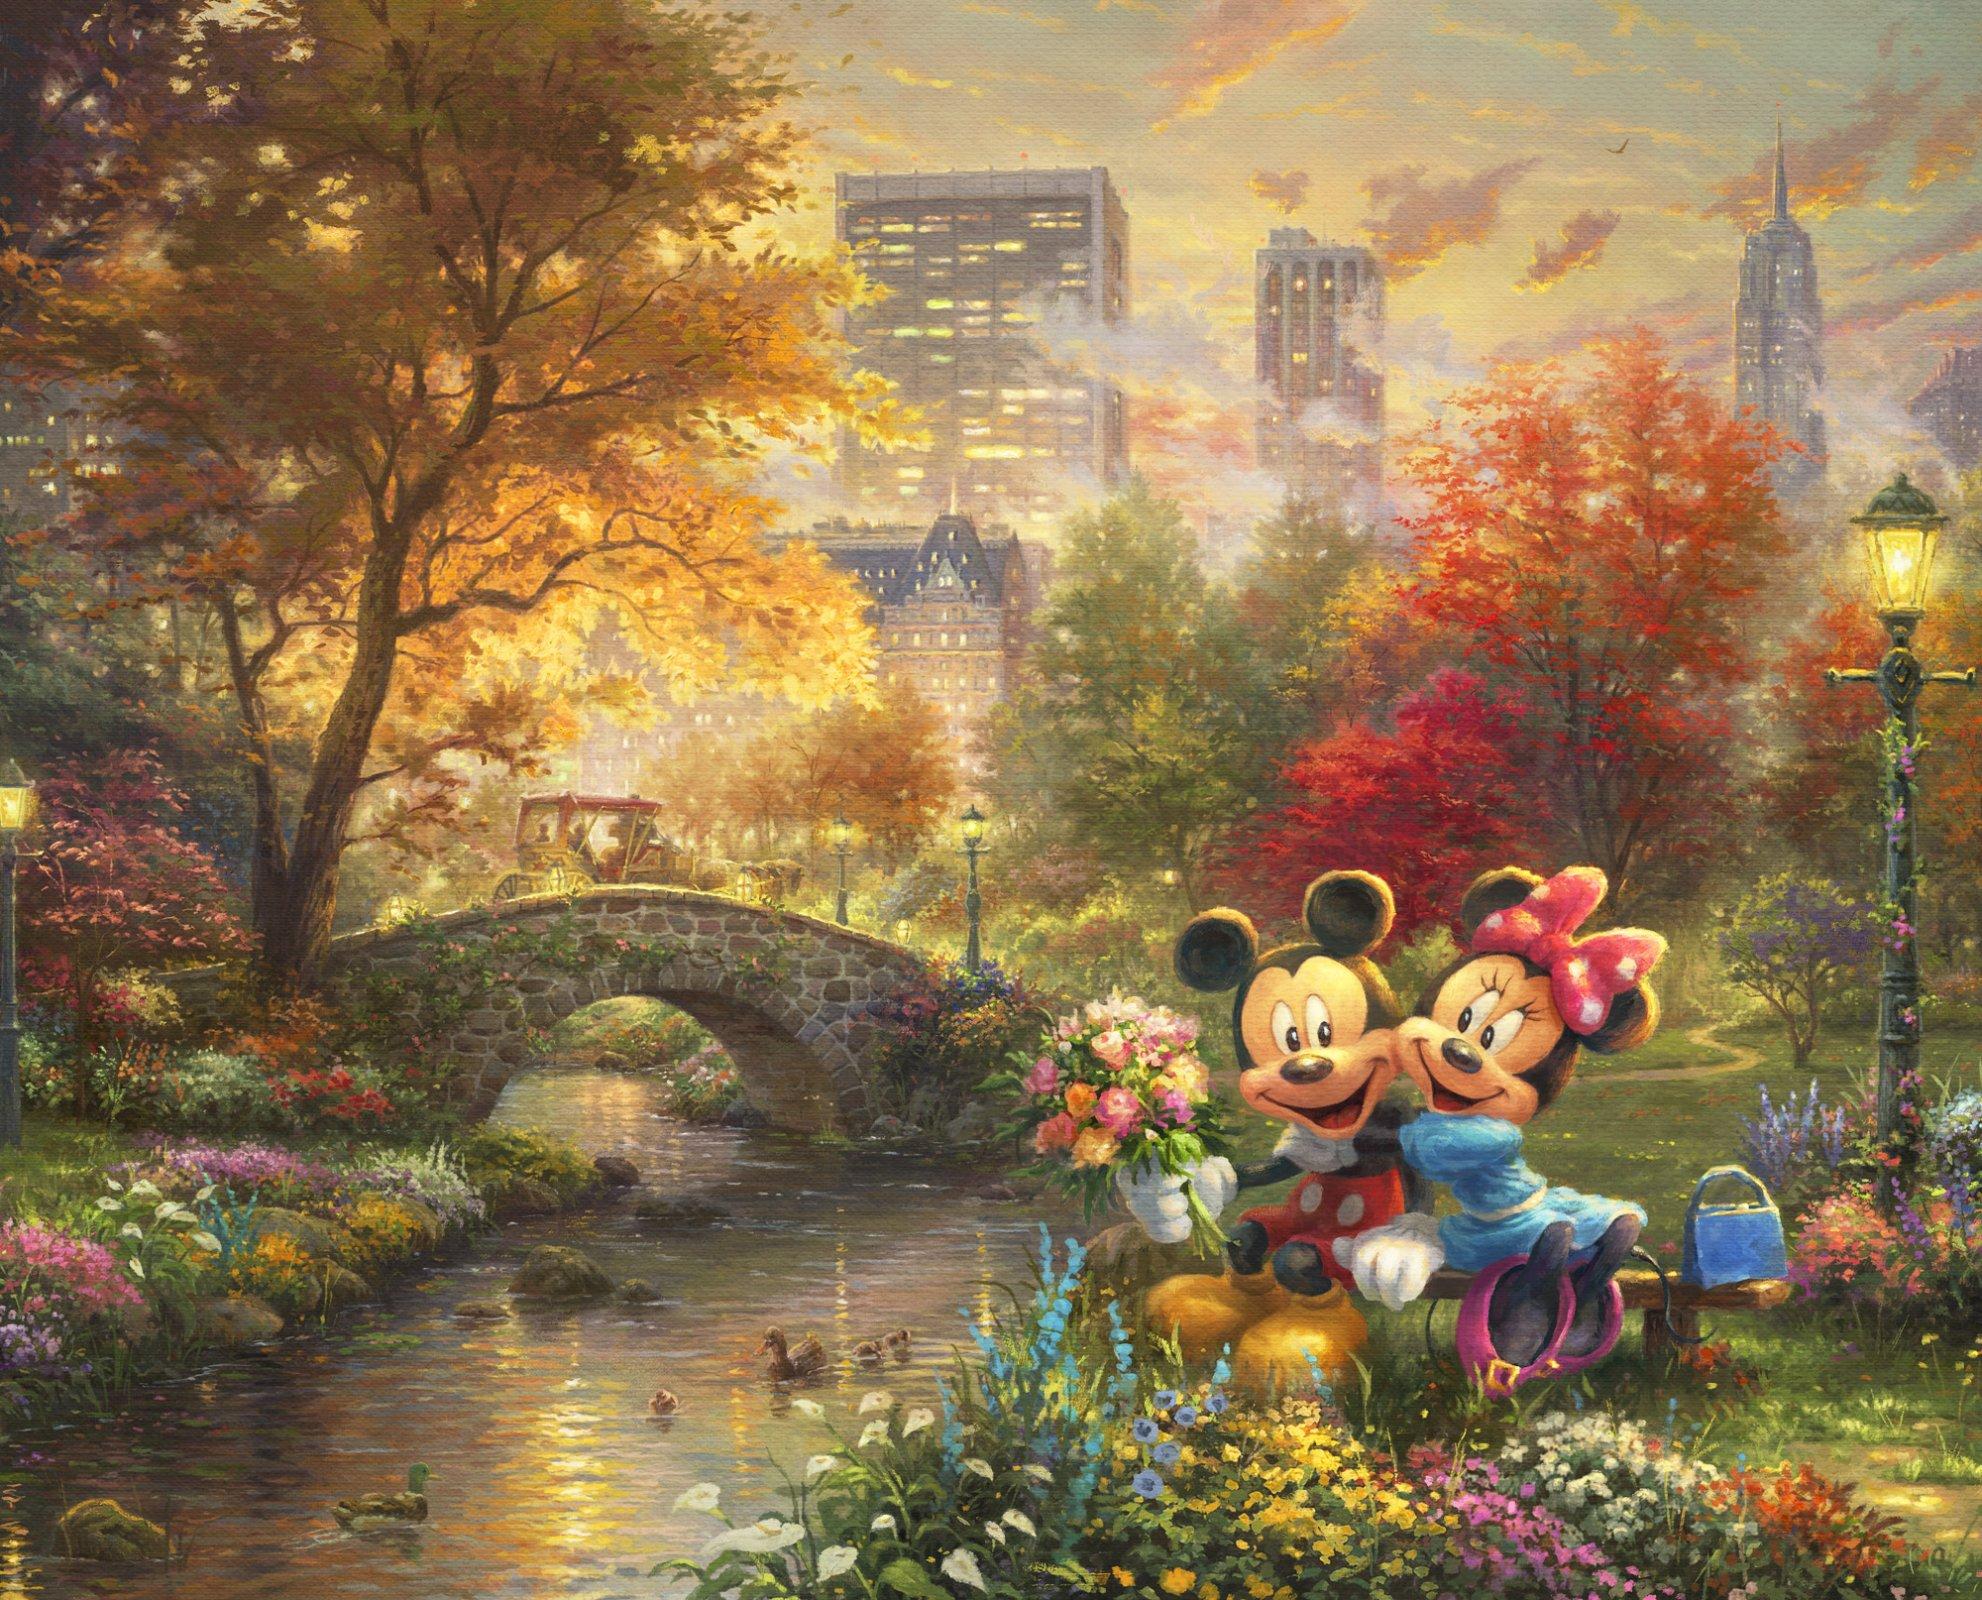 DT-Disney Dreams DS-2024-9C-1 Central Park Panel (35.5 x 44)